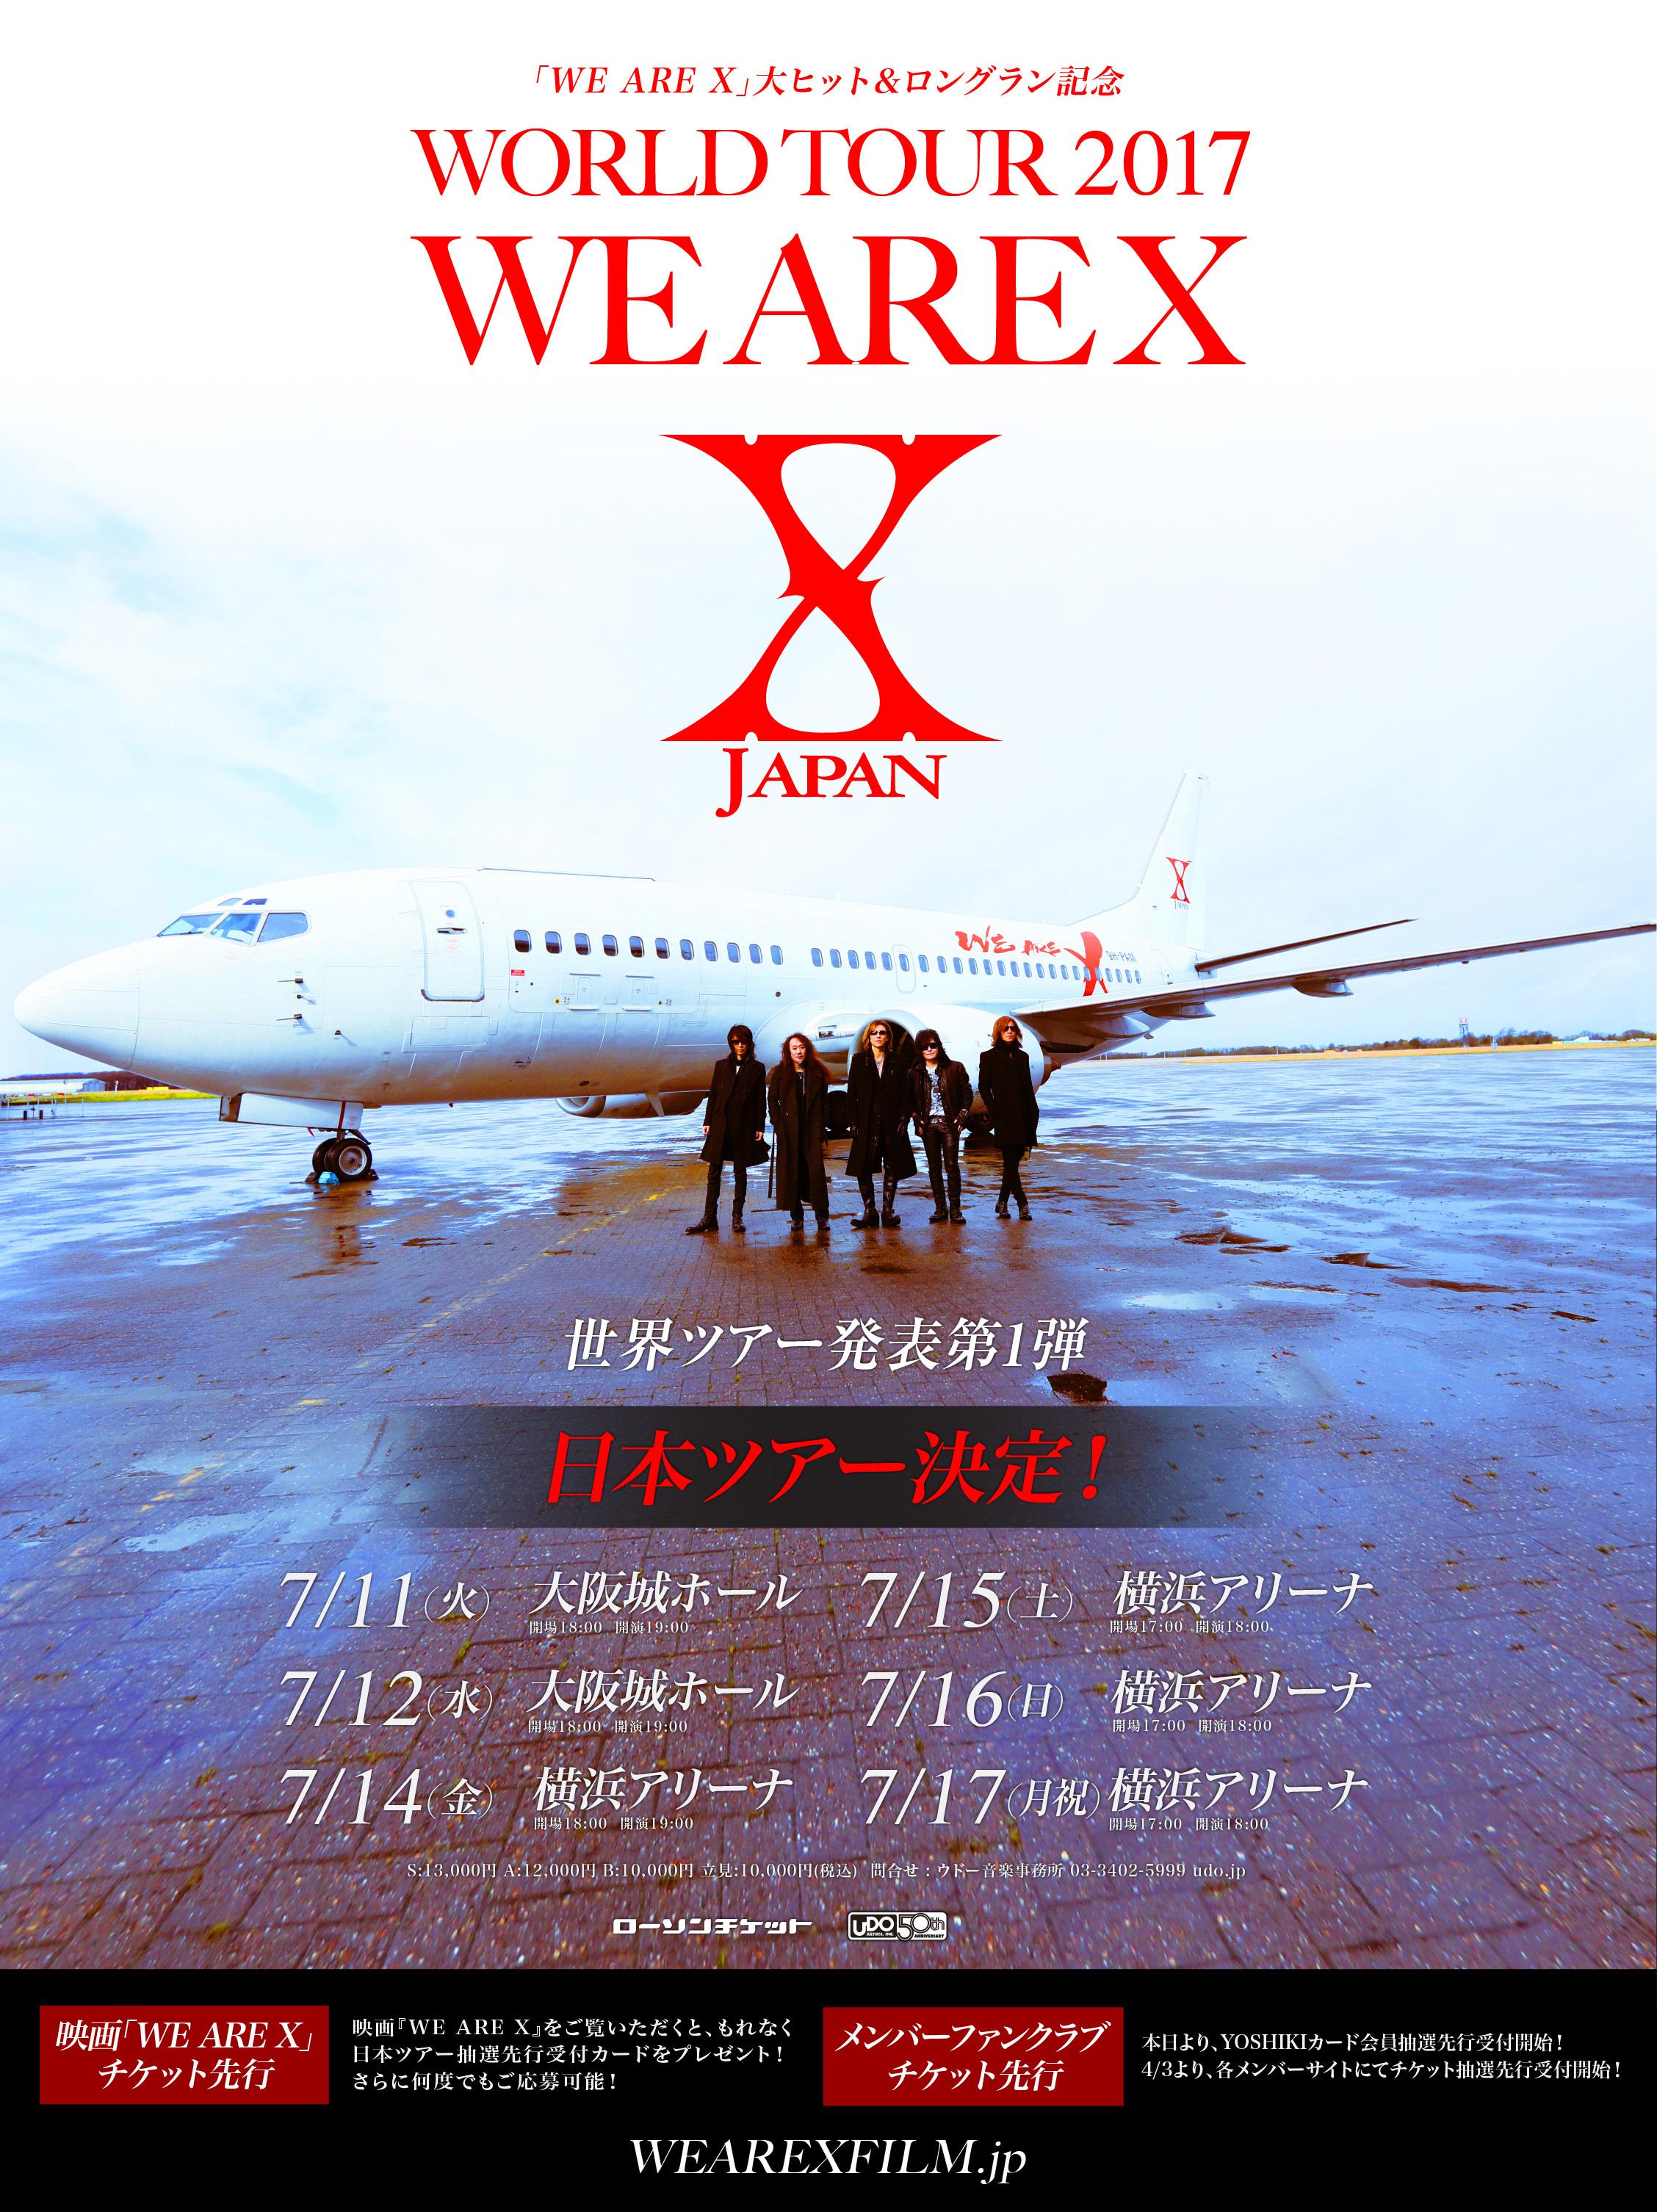 x japan ����������������������������